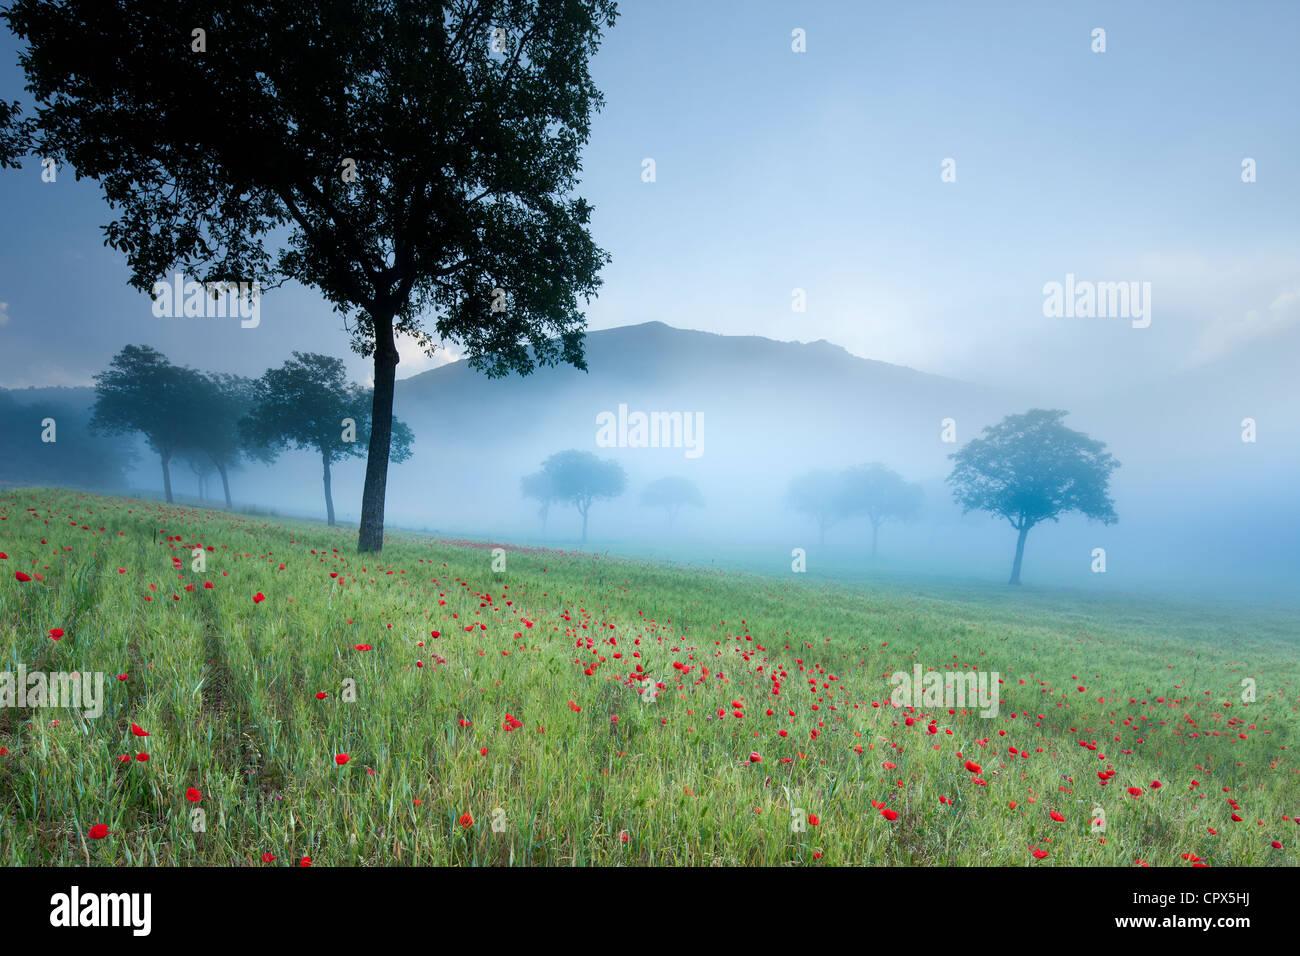 Mohnblumen in einem Feld nr Norcia, Umbrien, Italien Stockbild